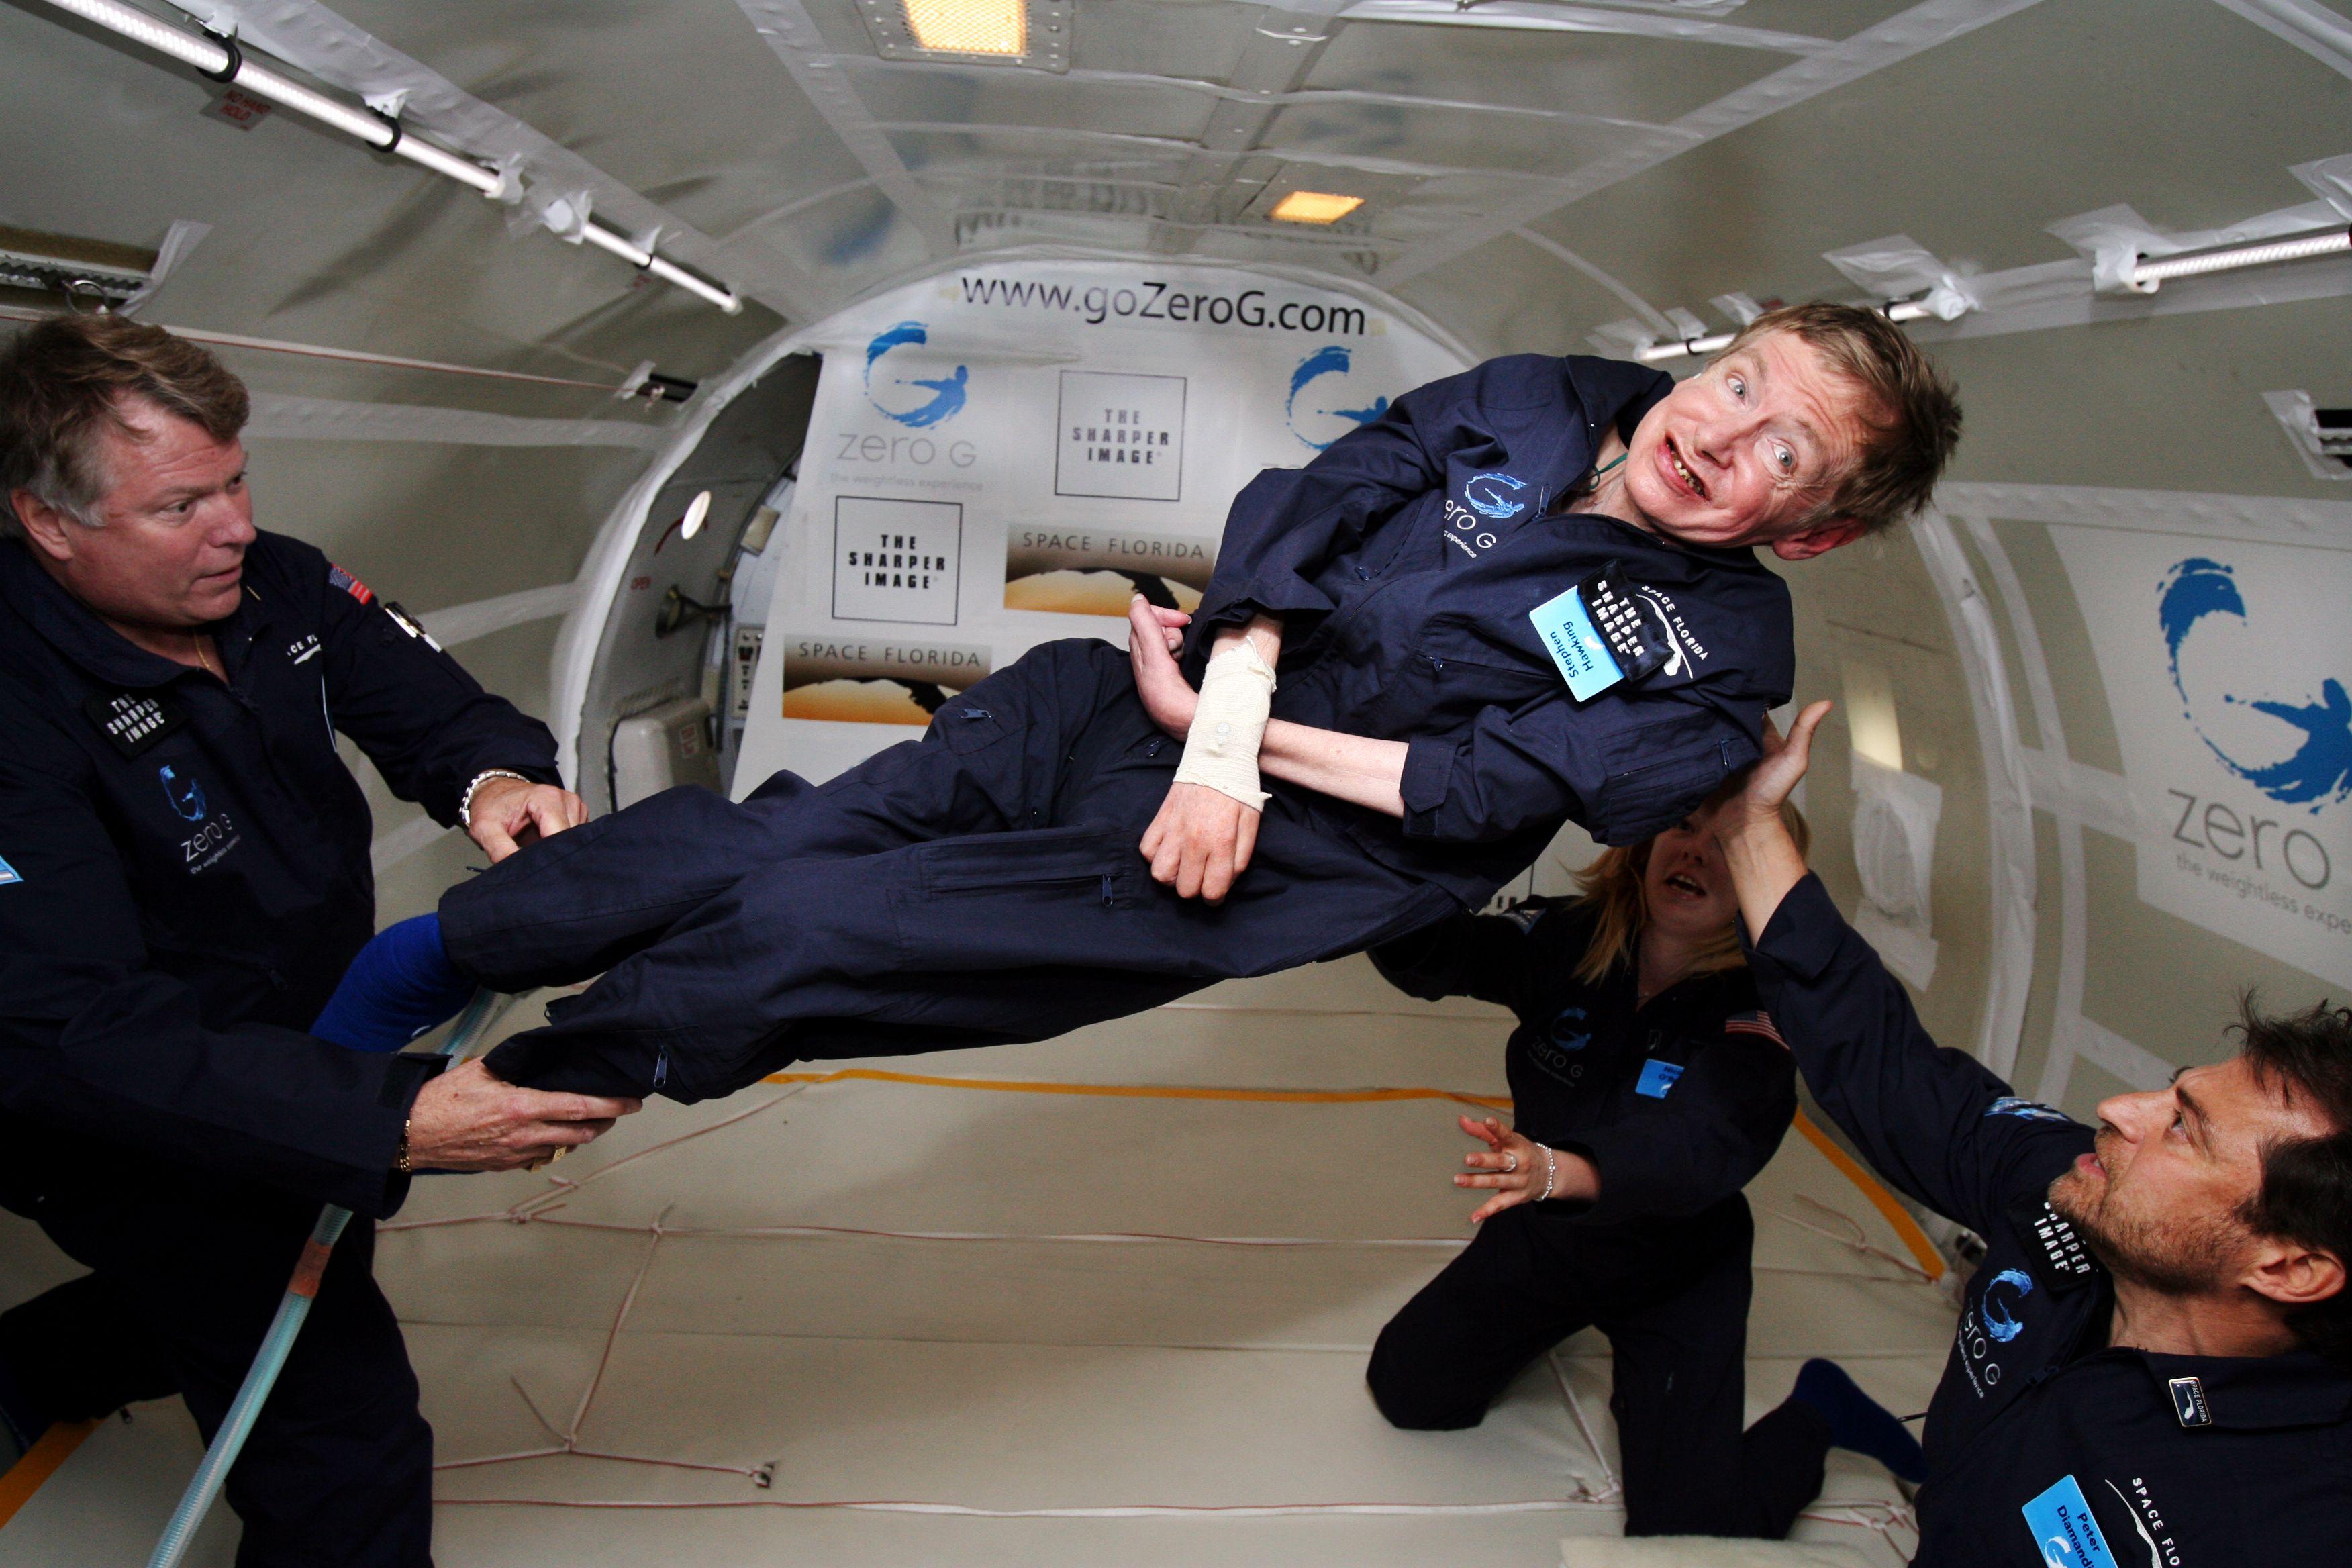 عالم الفيزياء البريطانى الشهير ستيفن هوكينج في رحلة فضاء